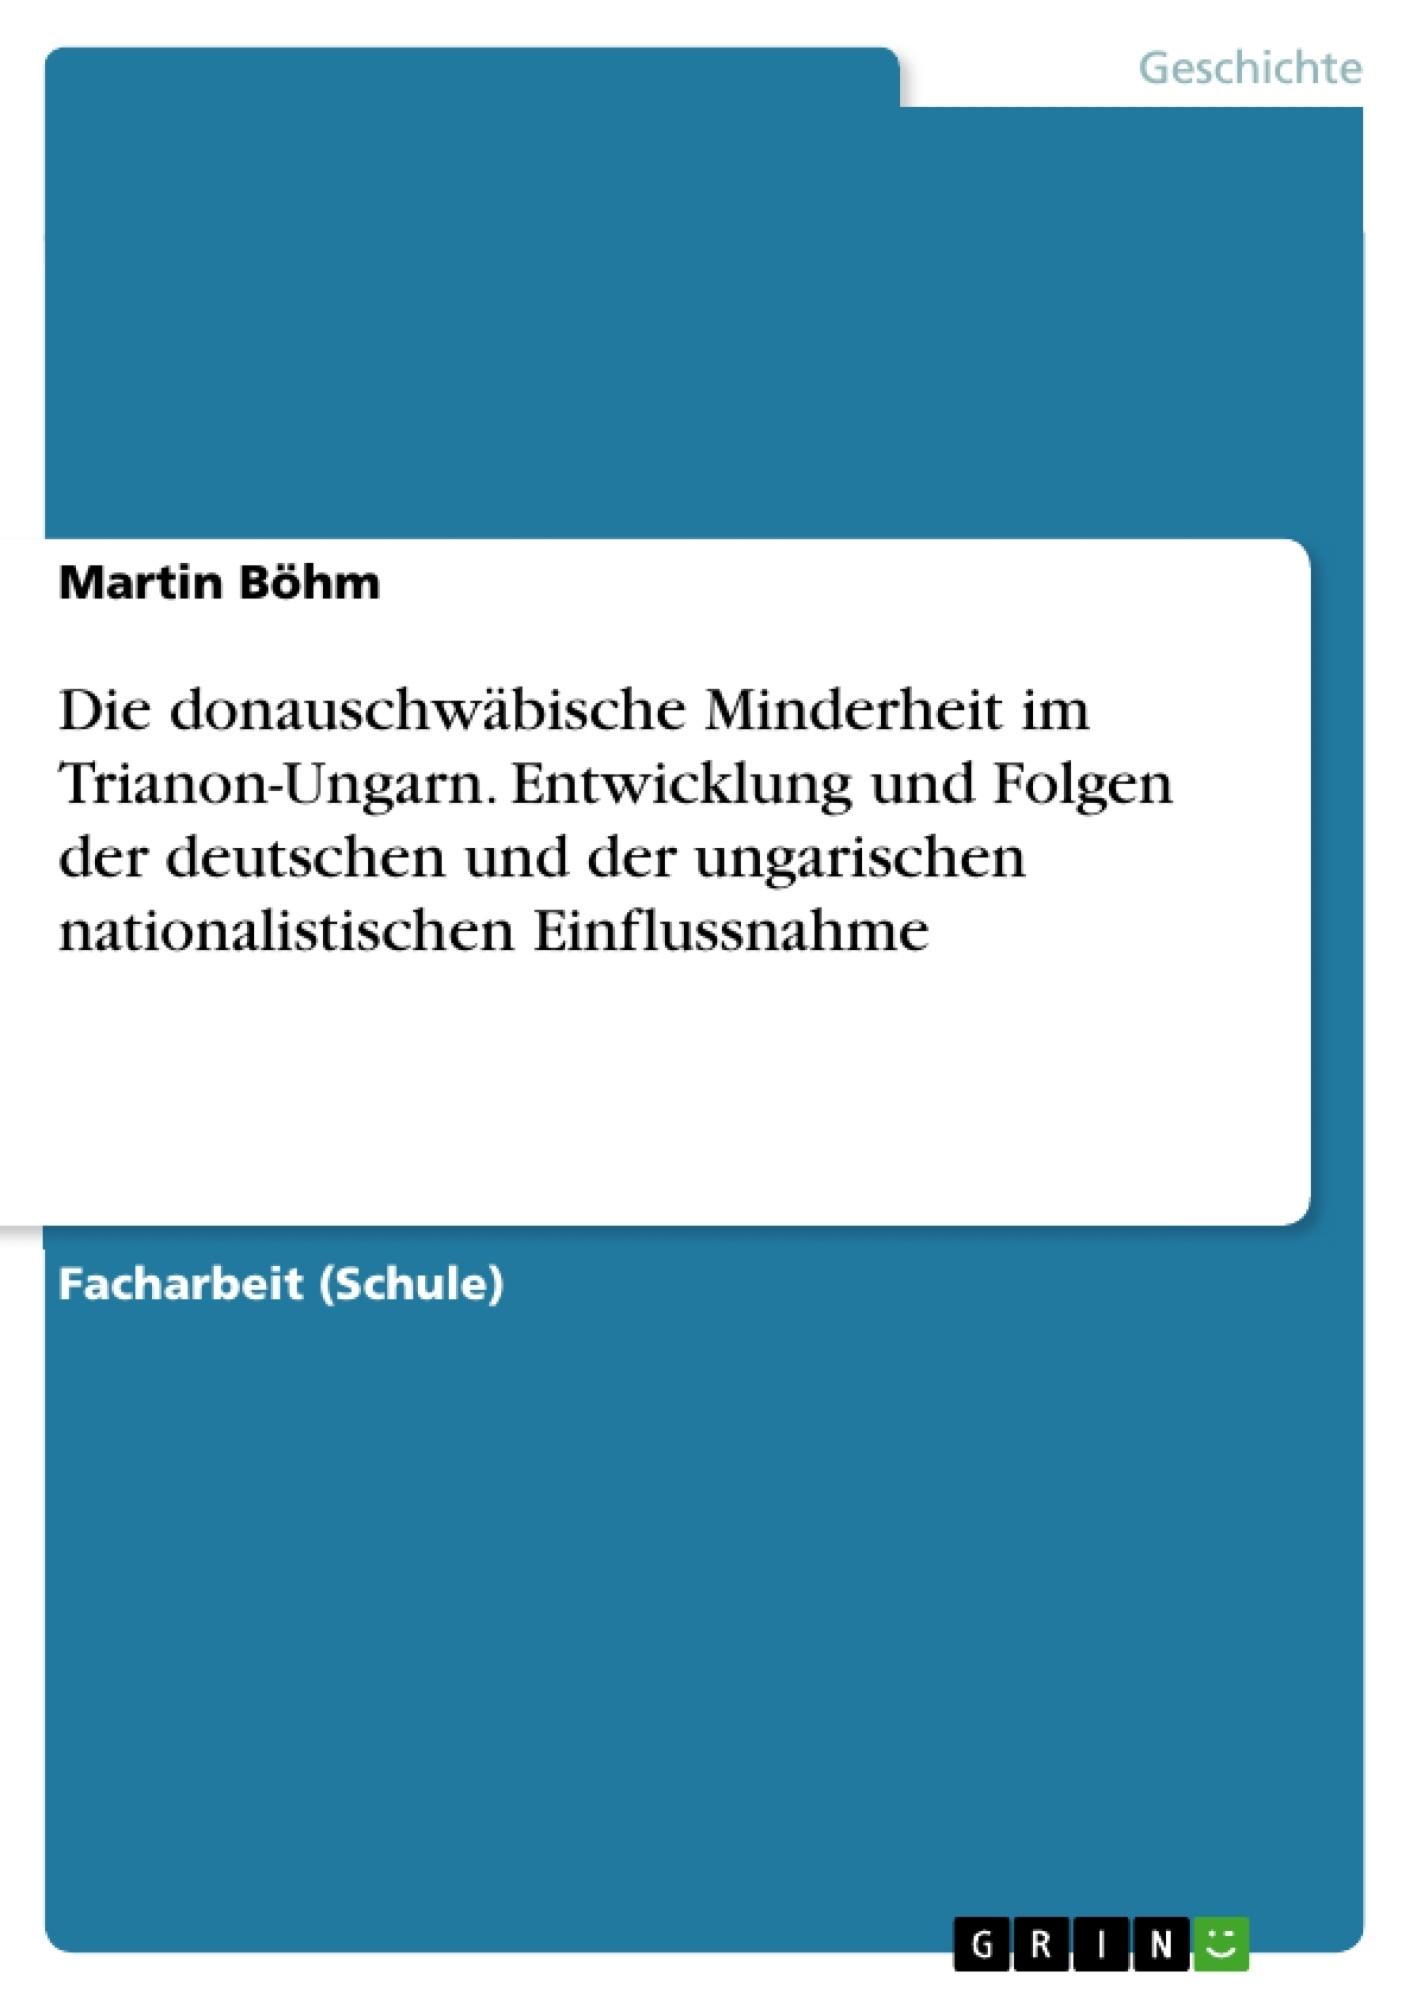 Titel: Die donauschwäbische Minderheit im Trianon-Ungarn. Entwicklung und Folgen der deutschen und der ungarischen nationalistischen Einflussnahme